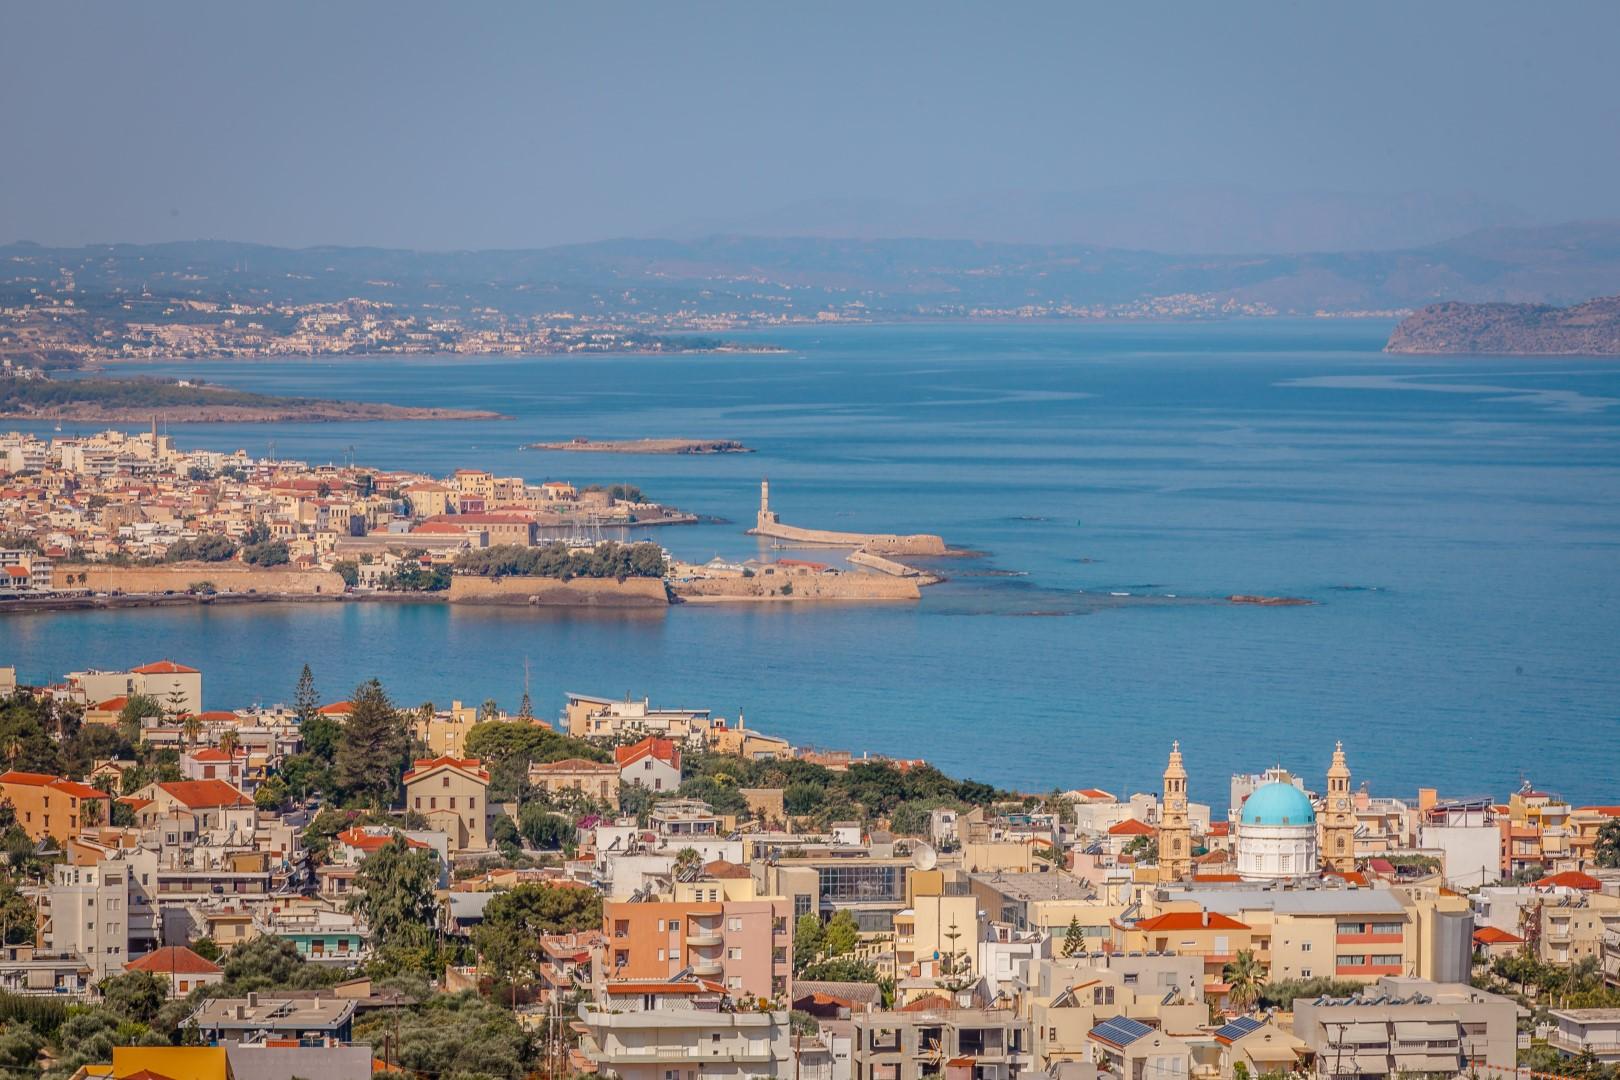 European Best Destinations обяви най-добрите дестинации за ваксинирани туристи: Гърция е в списъка